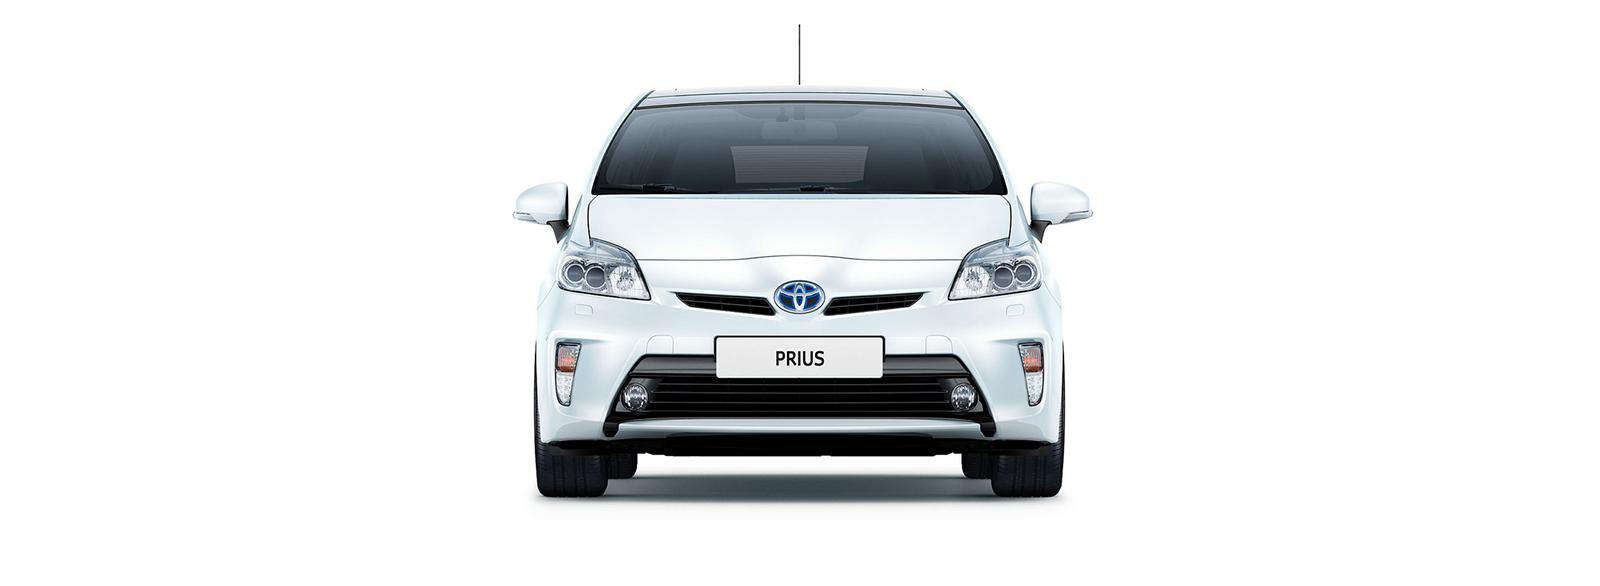 prius-n-image-2